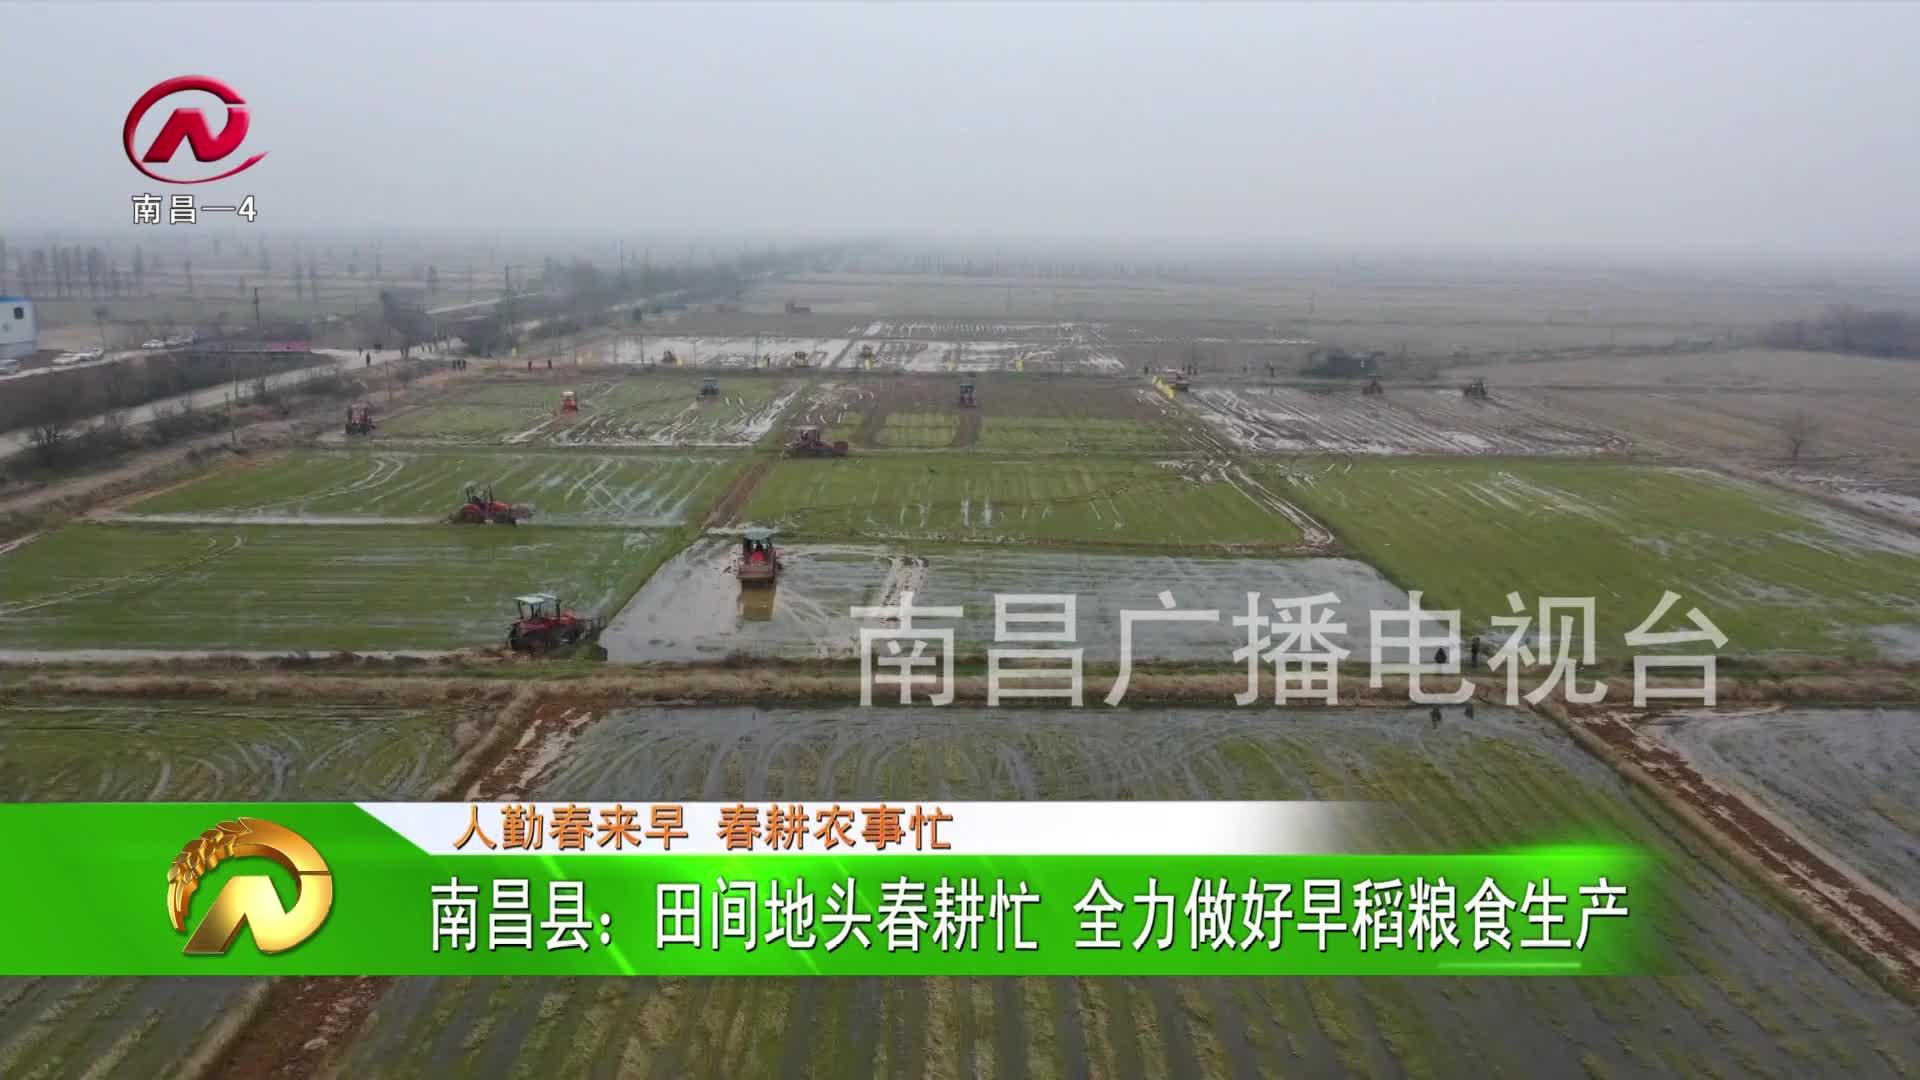 【豫章农视】南昌县:田间地头春耕忙 全力做好早稻粮食生产